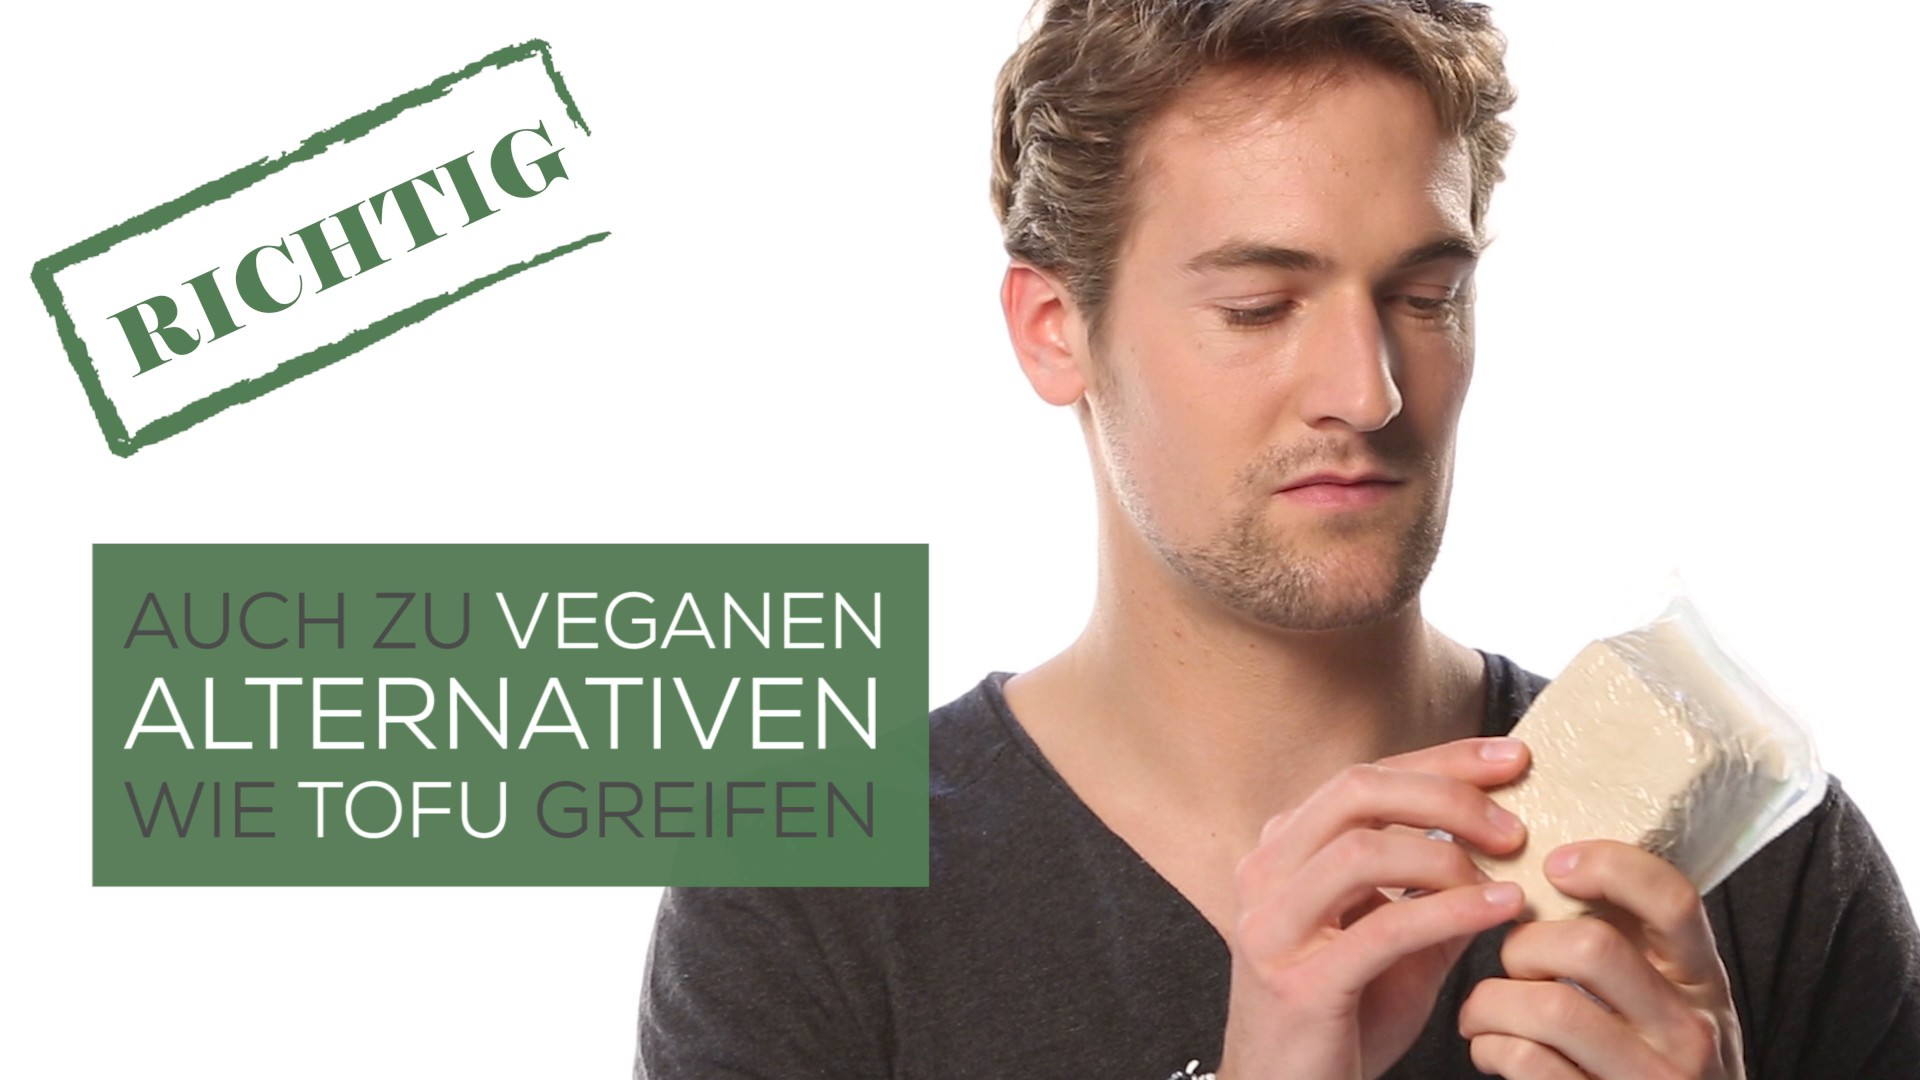 Die 5 ungesundesten Fehler bei veganer Ernährung_EL.mp4: image 4